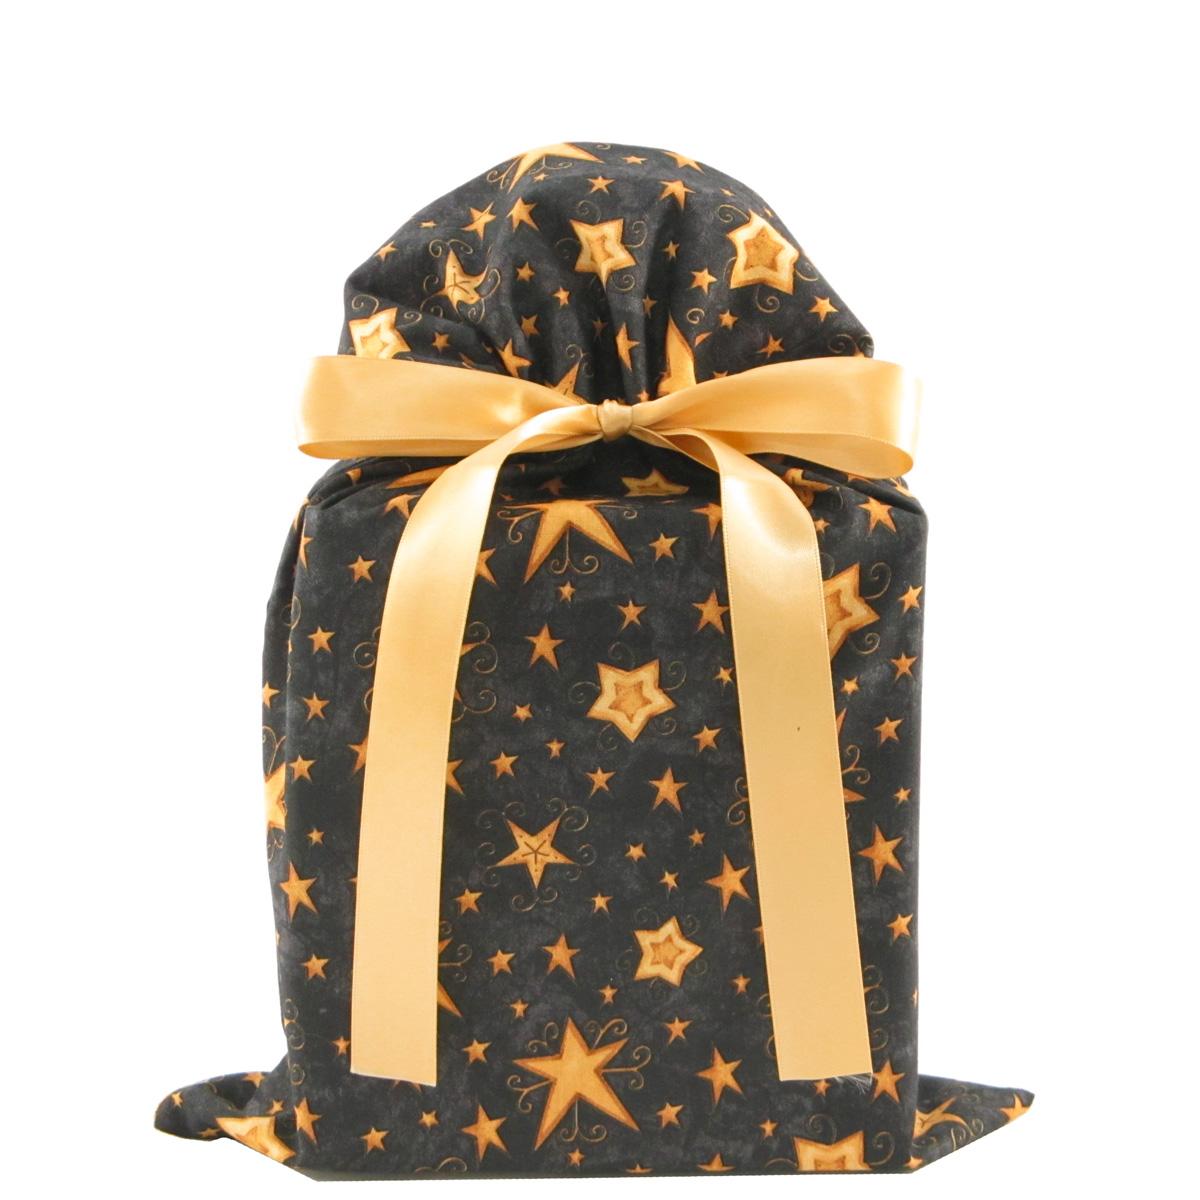 Black-gift-bag-gold-stars-standard